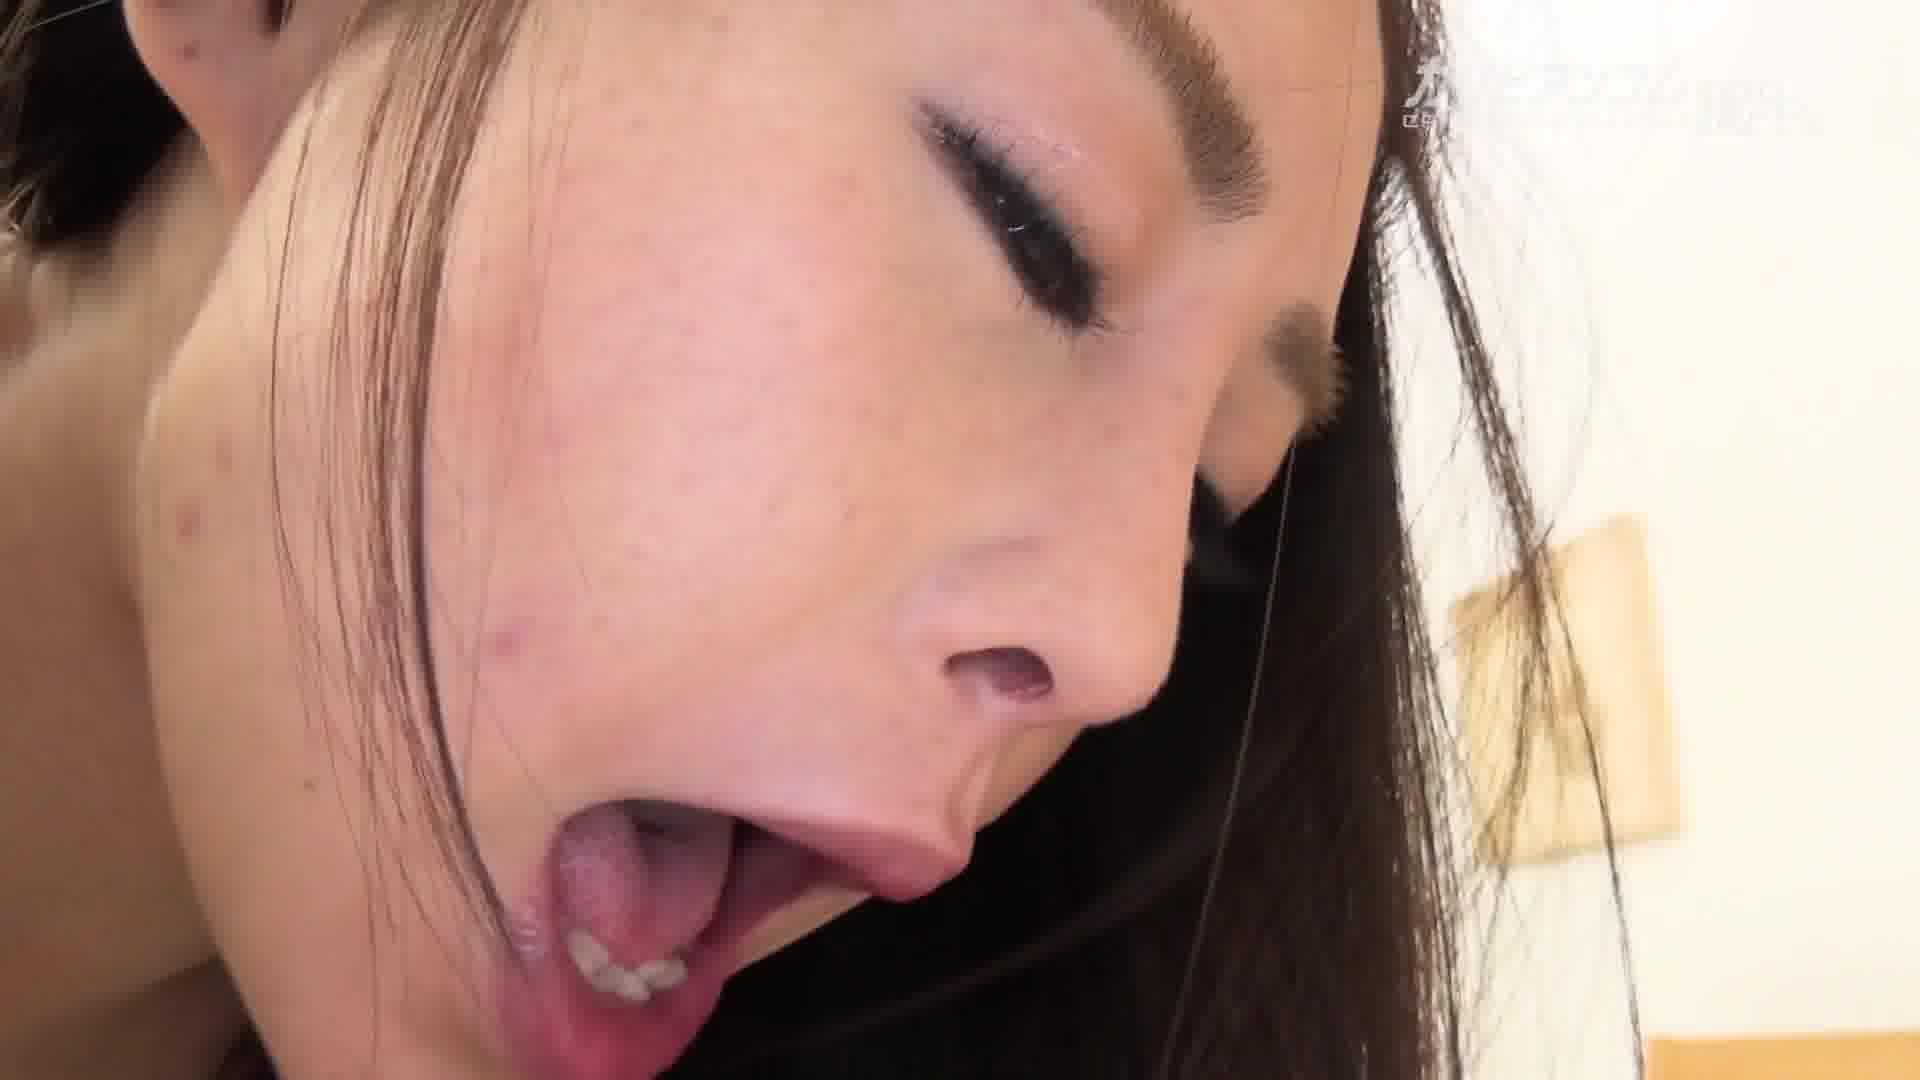 美尻フェチ ~ゆのはバックがお好き!~ - 白砂ゆの【スレンダー・美尻・中出し】